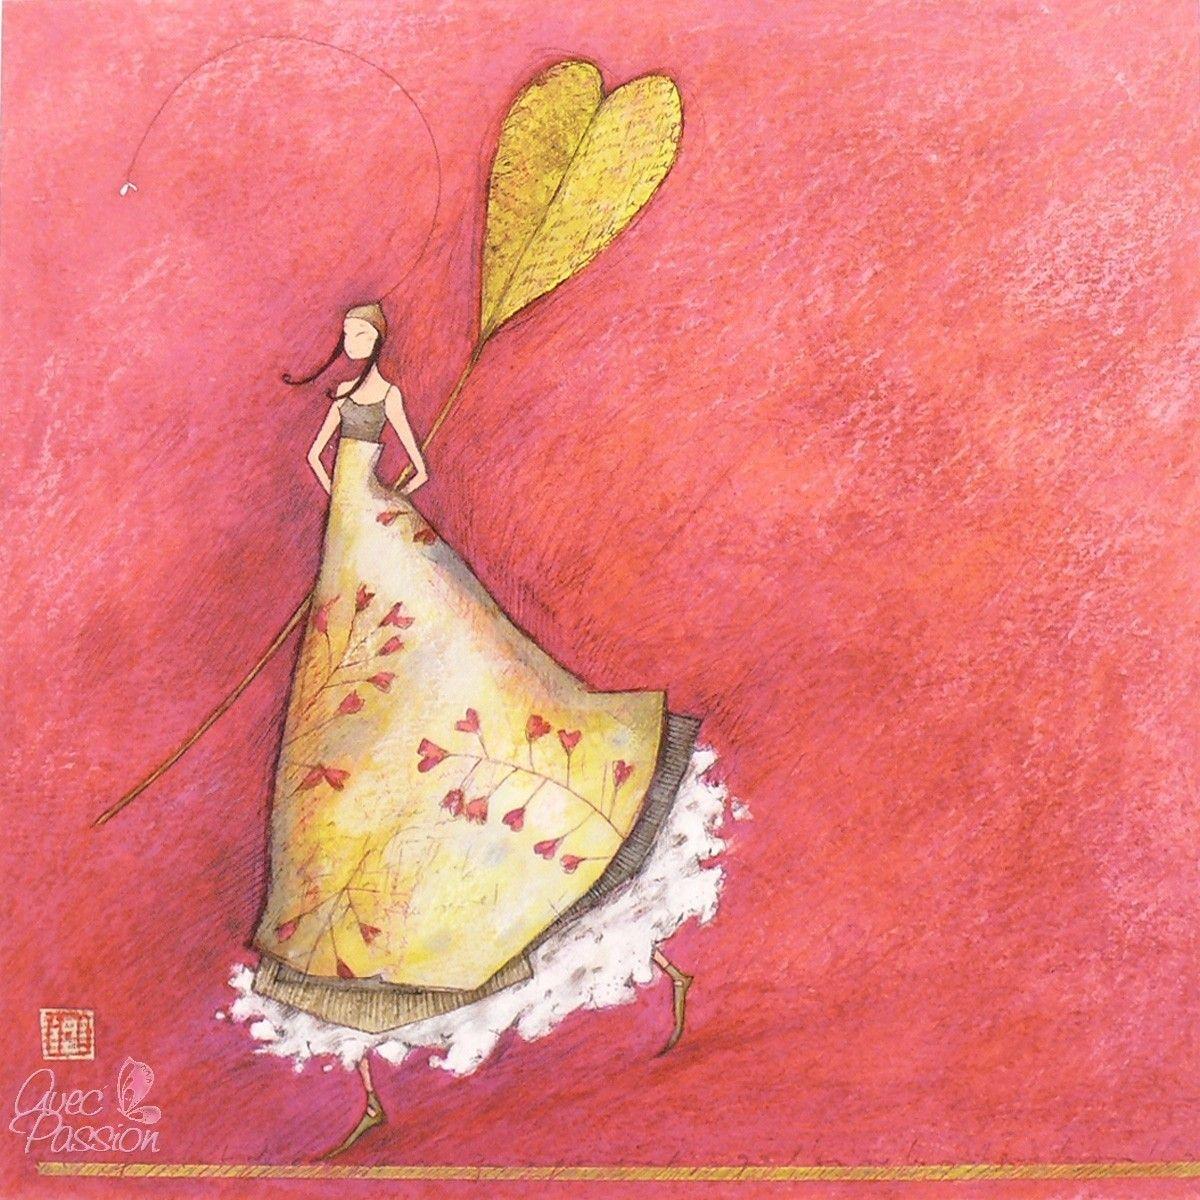 Connu Gaëlle Boissonnard | Cartes magiques, Art moderne et Bulles YS22